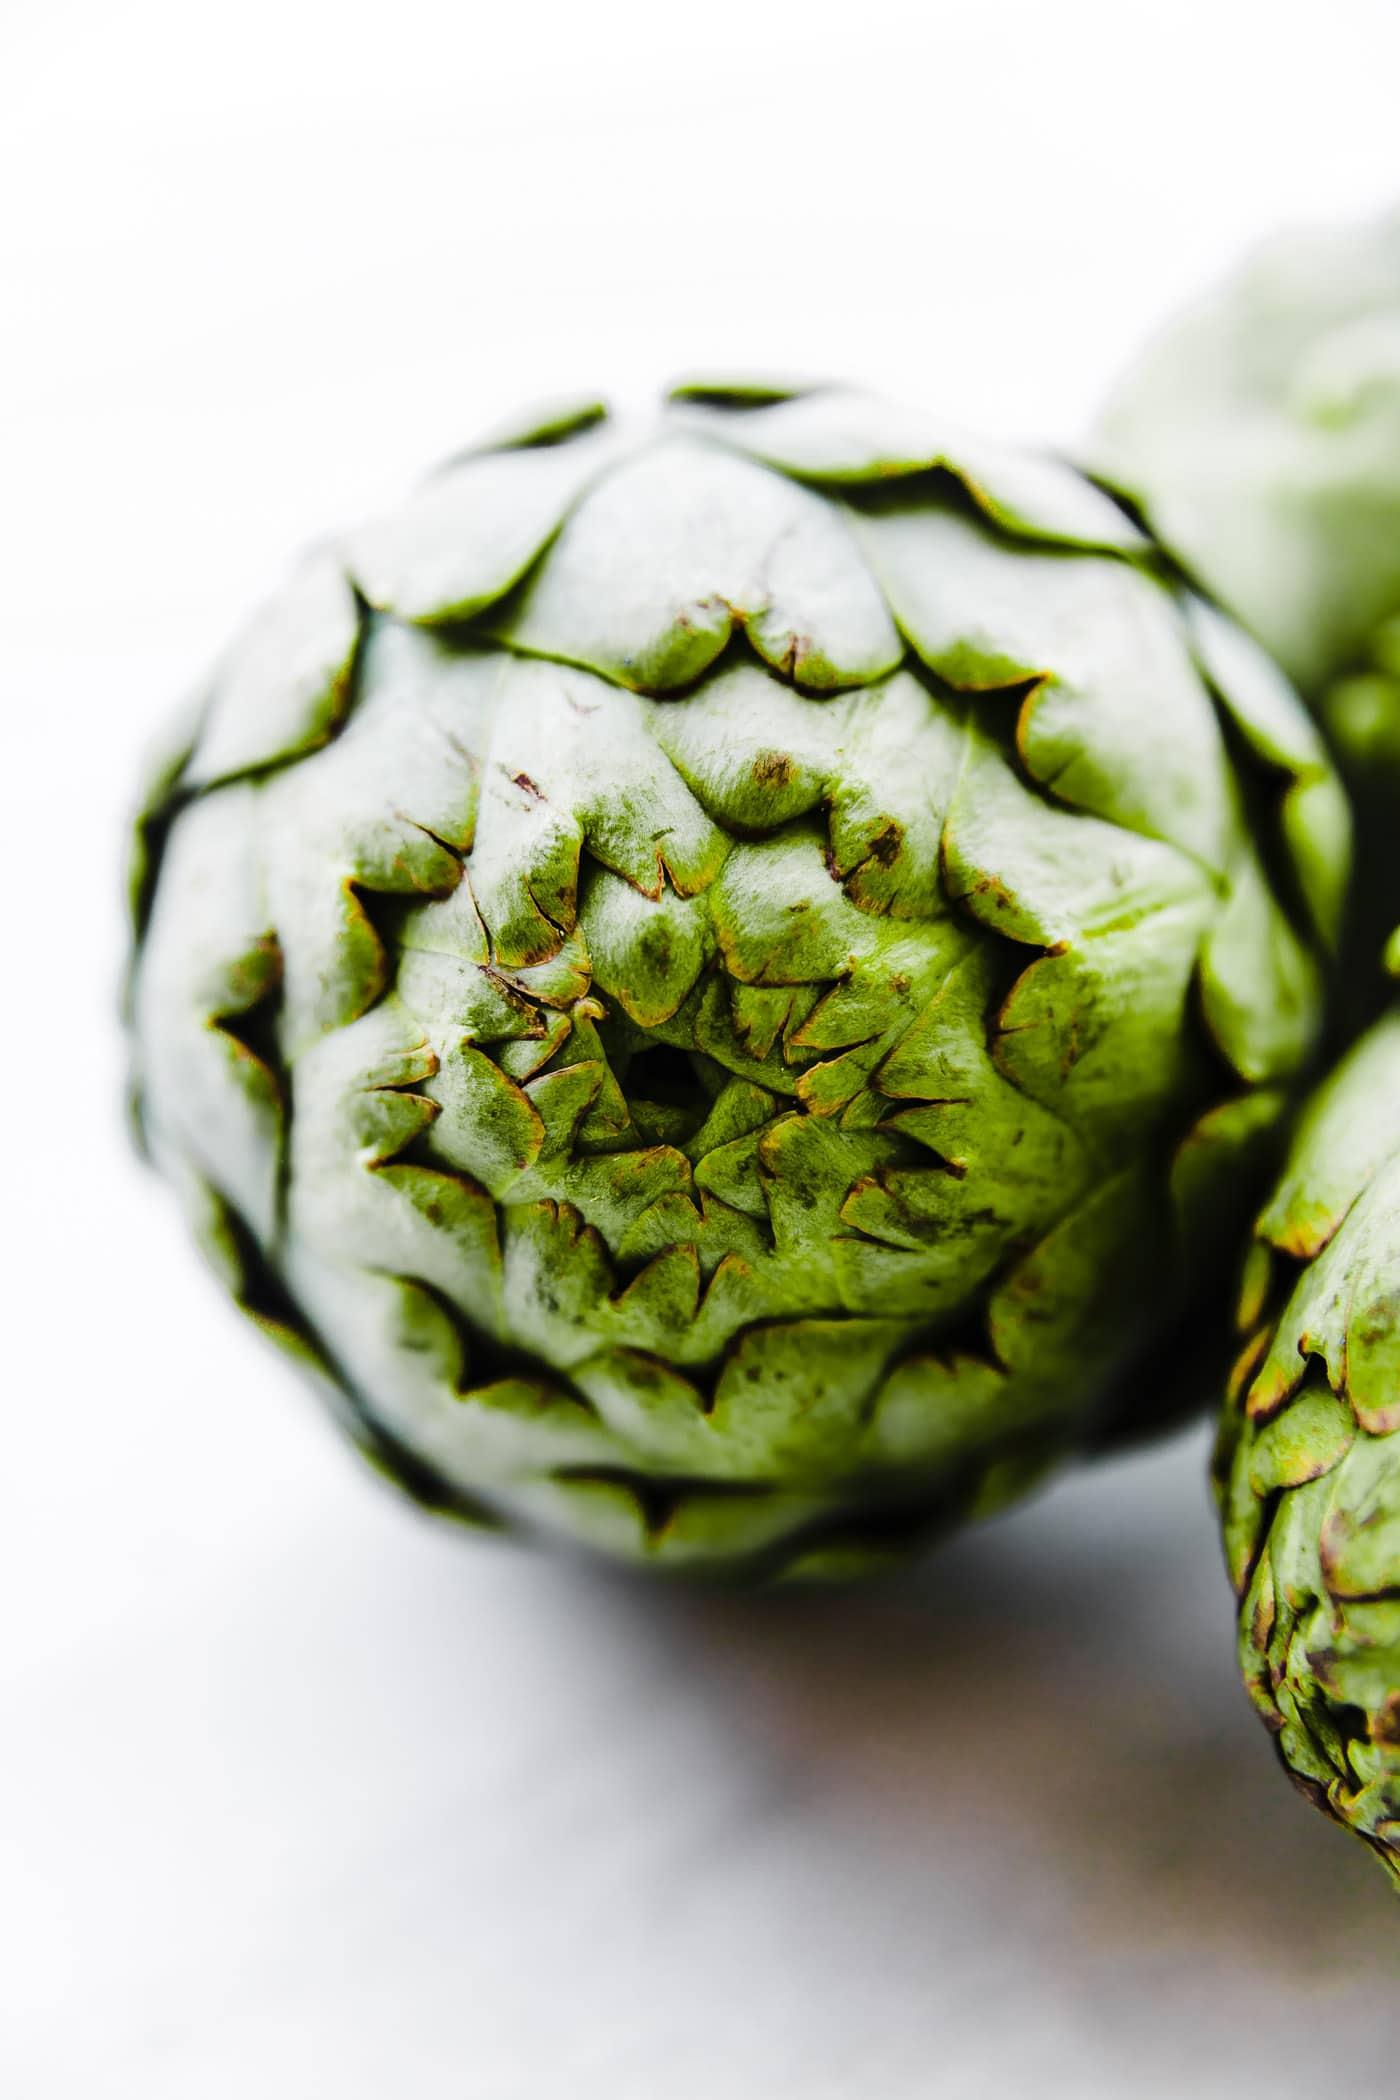 A close up image of a raw artichoke.